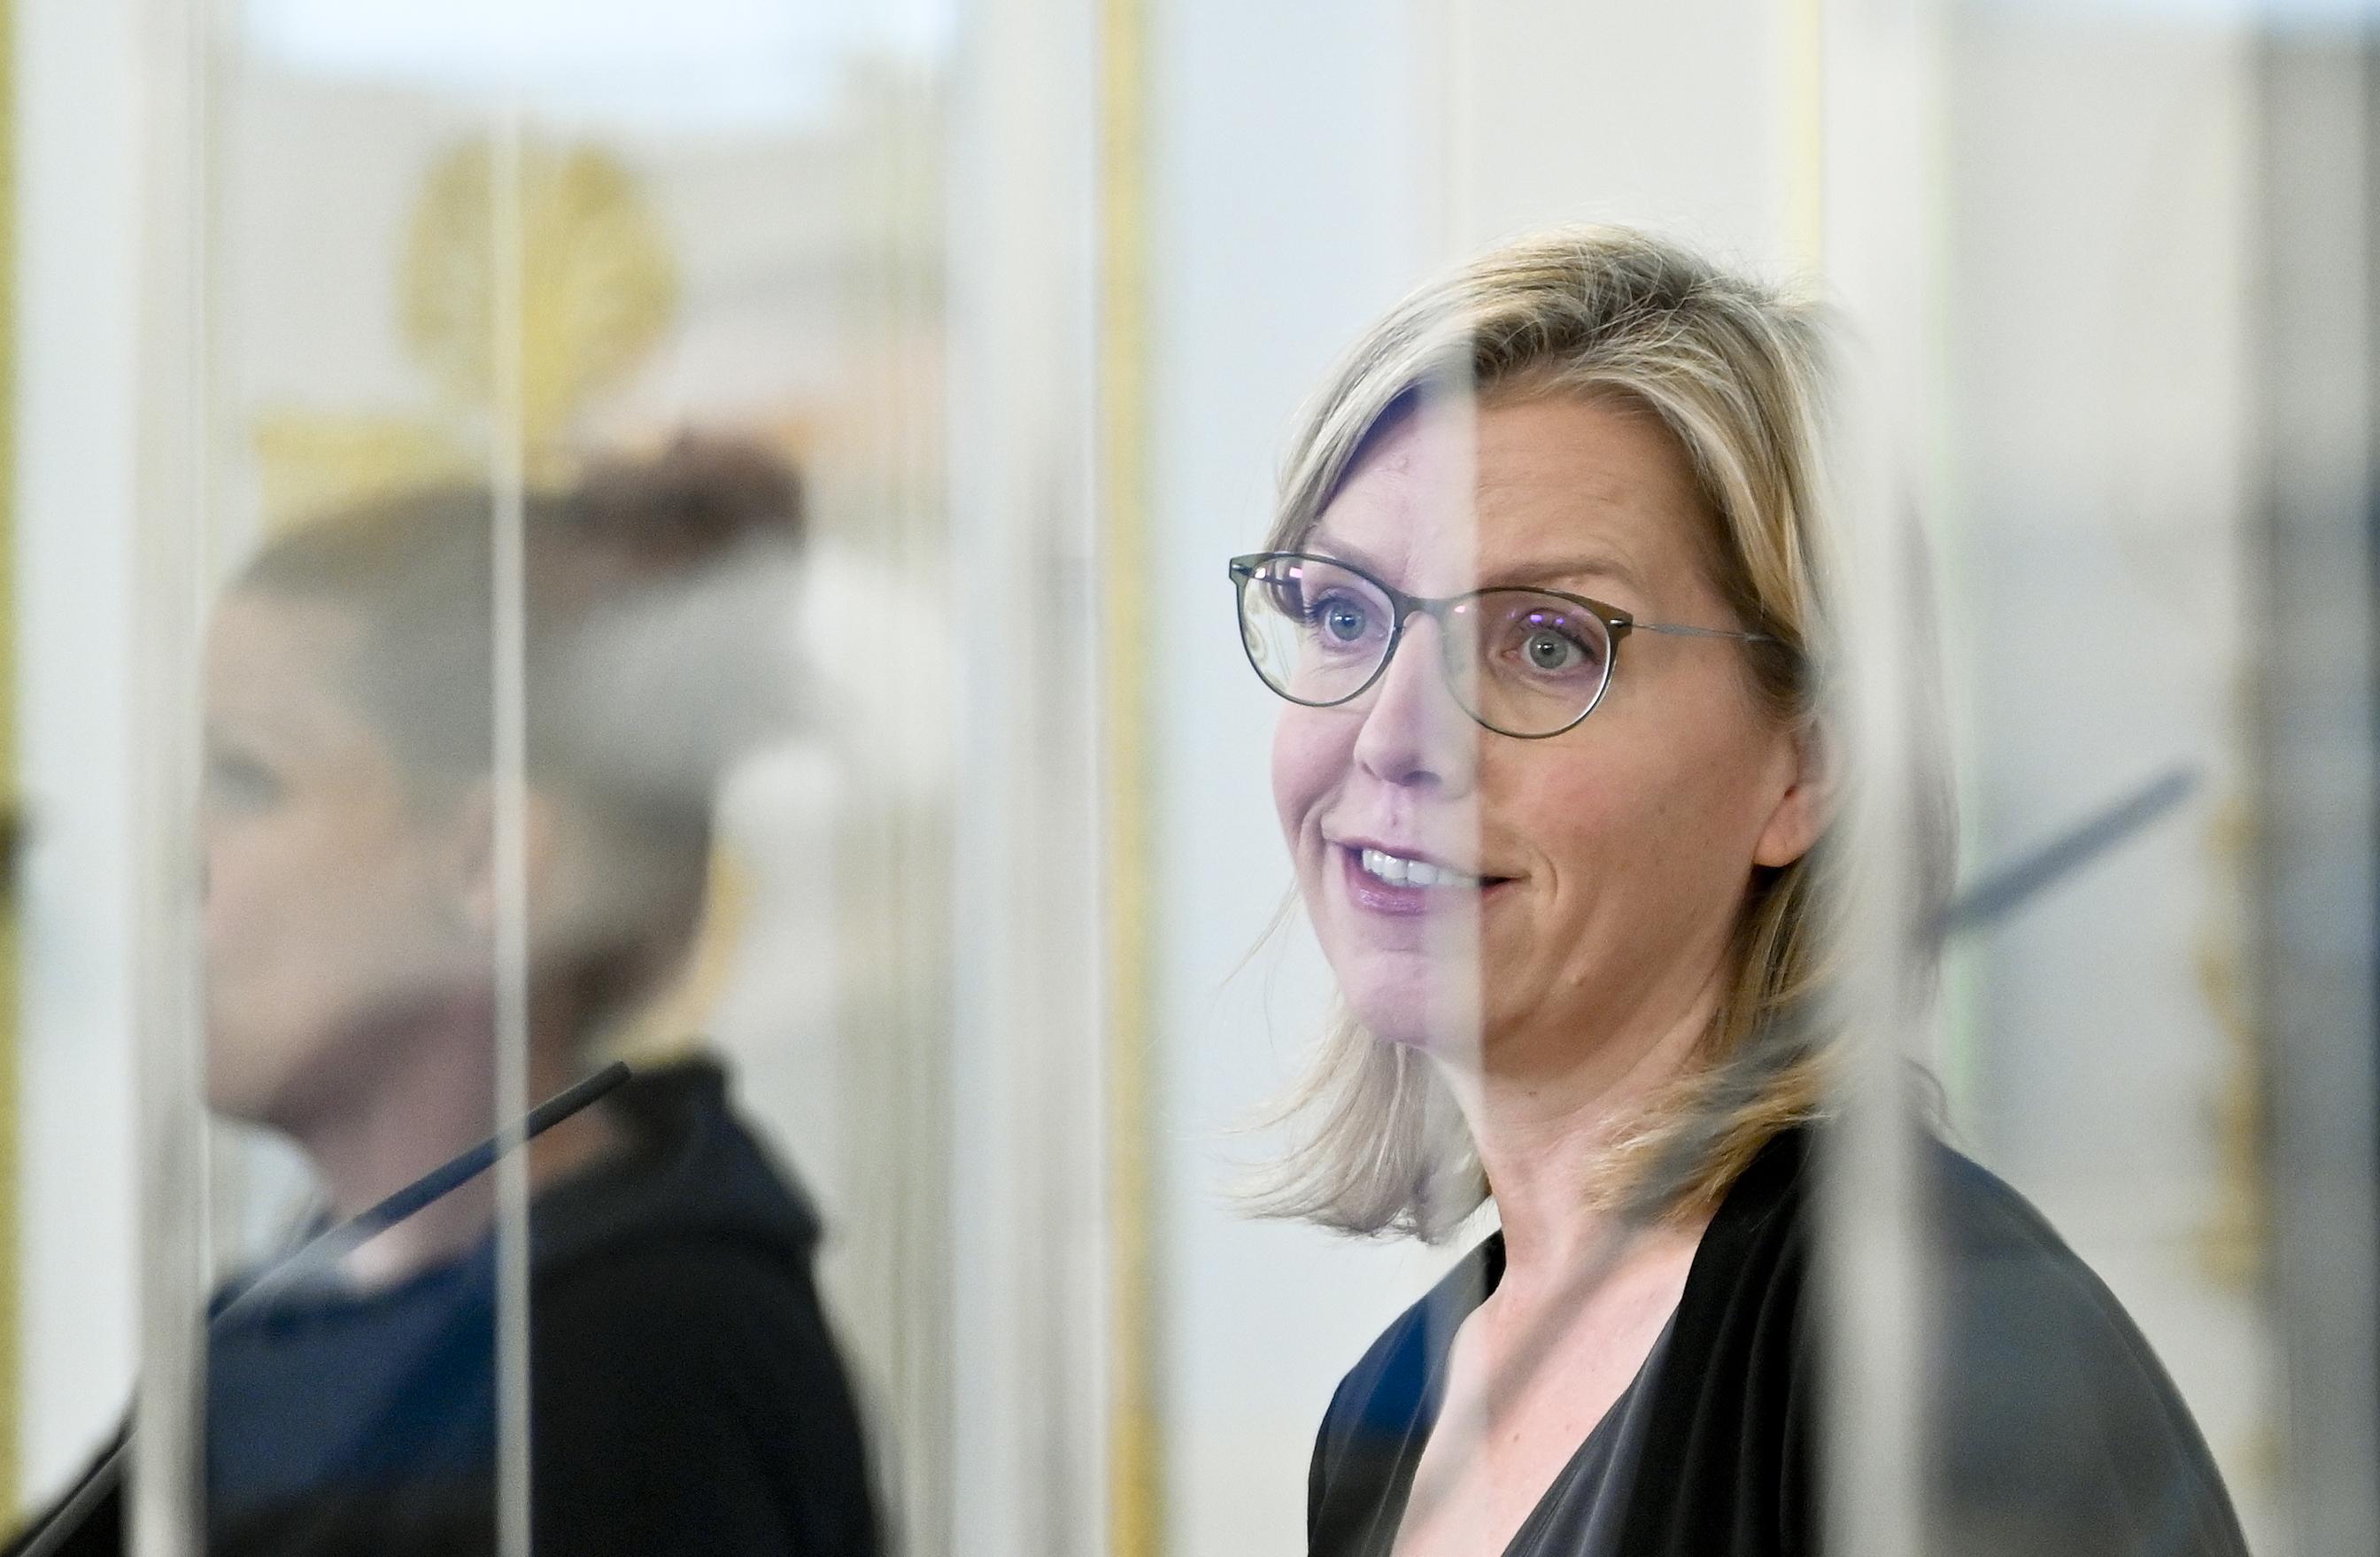 Eurovignette - Gewessler gegen Reformentwurf